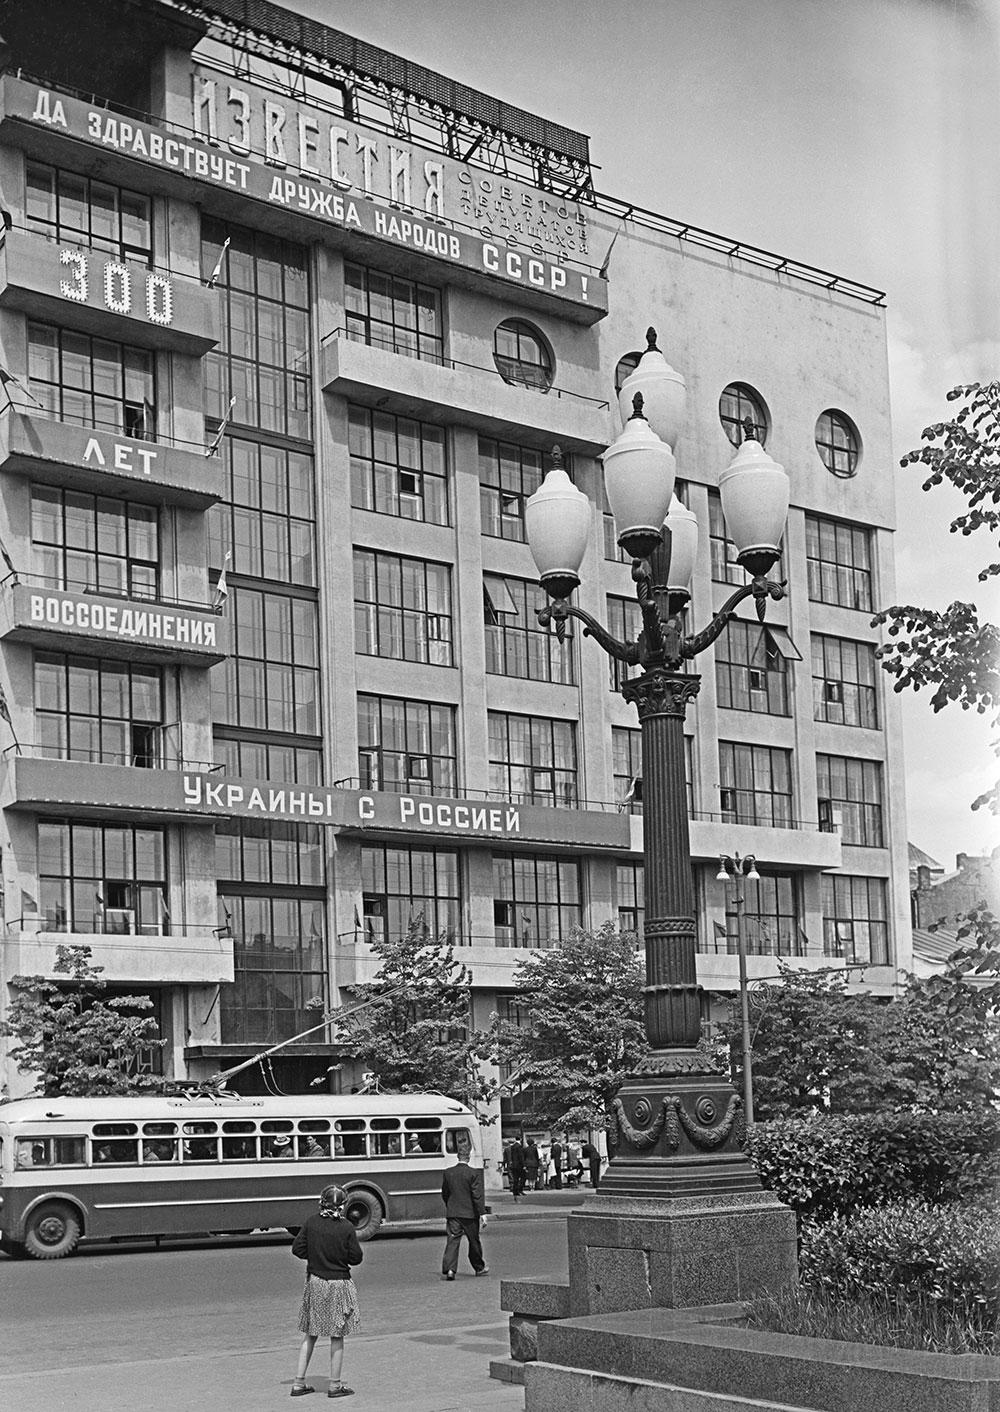 Здание типографии и редакции газеты «Известия» на Пушкинской площади, построенное по проекту архитектора Г. Б. Бархина в 1925–1927 годах. Точная дата съемки не установлена